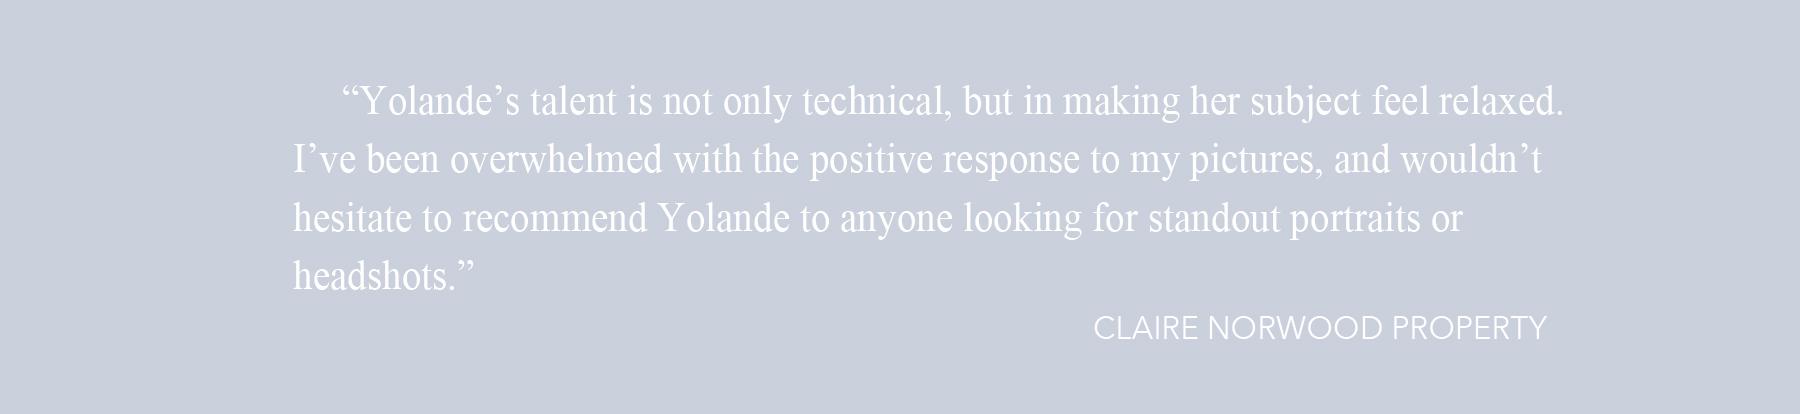 Quote 1.jpg